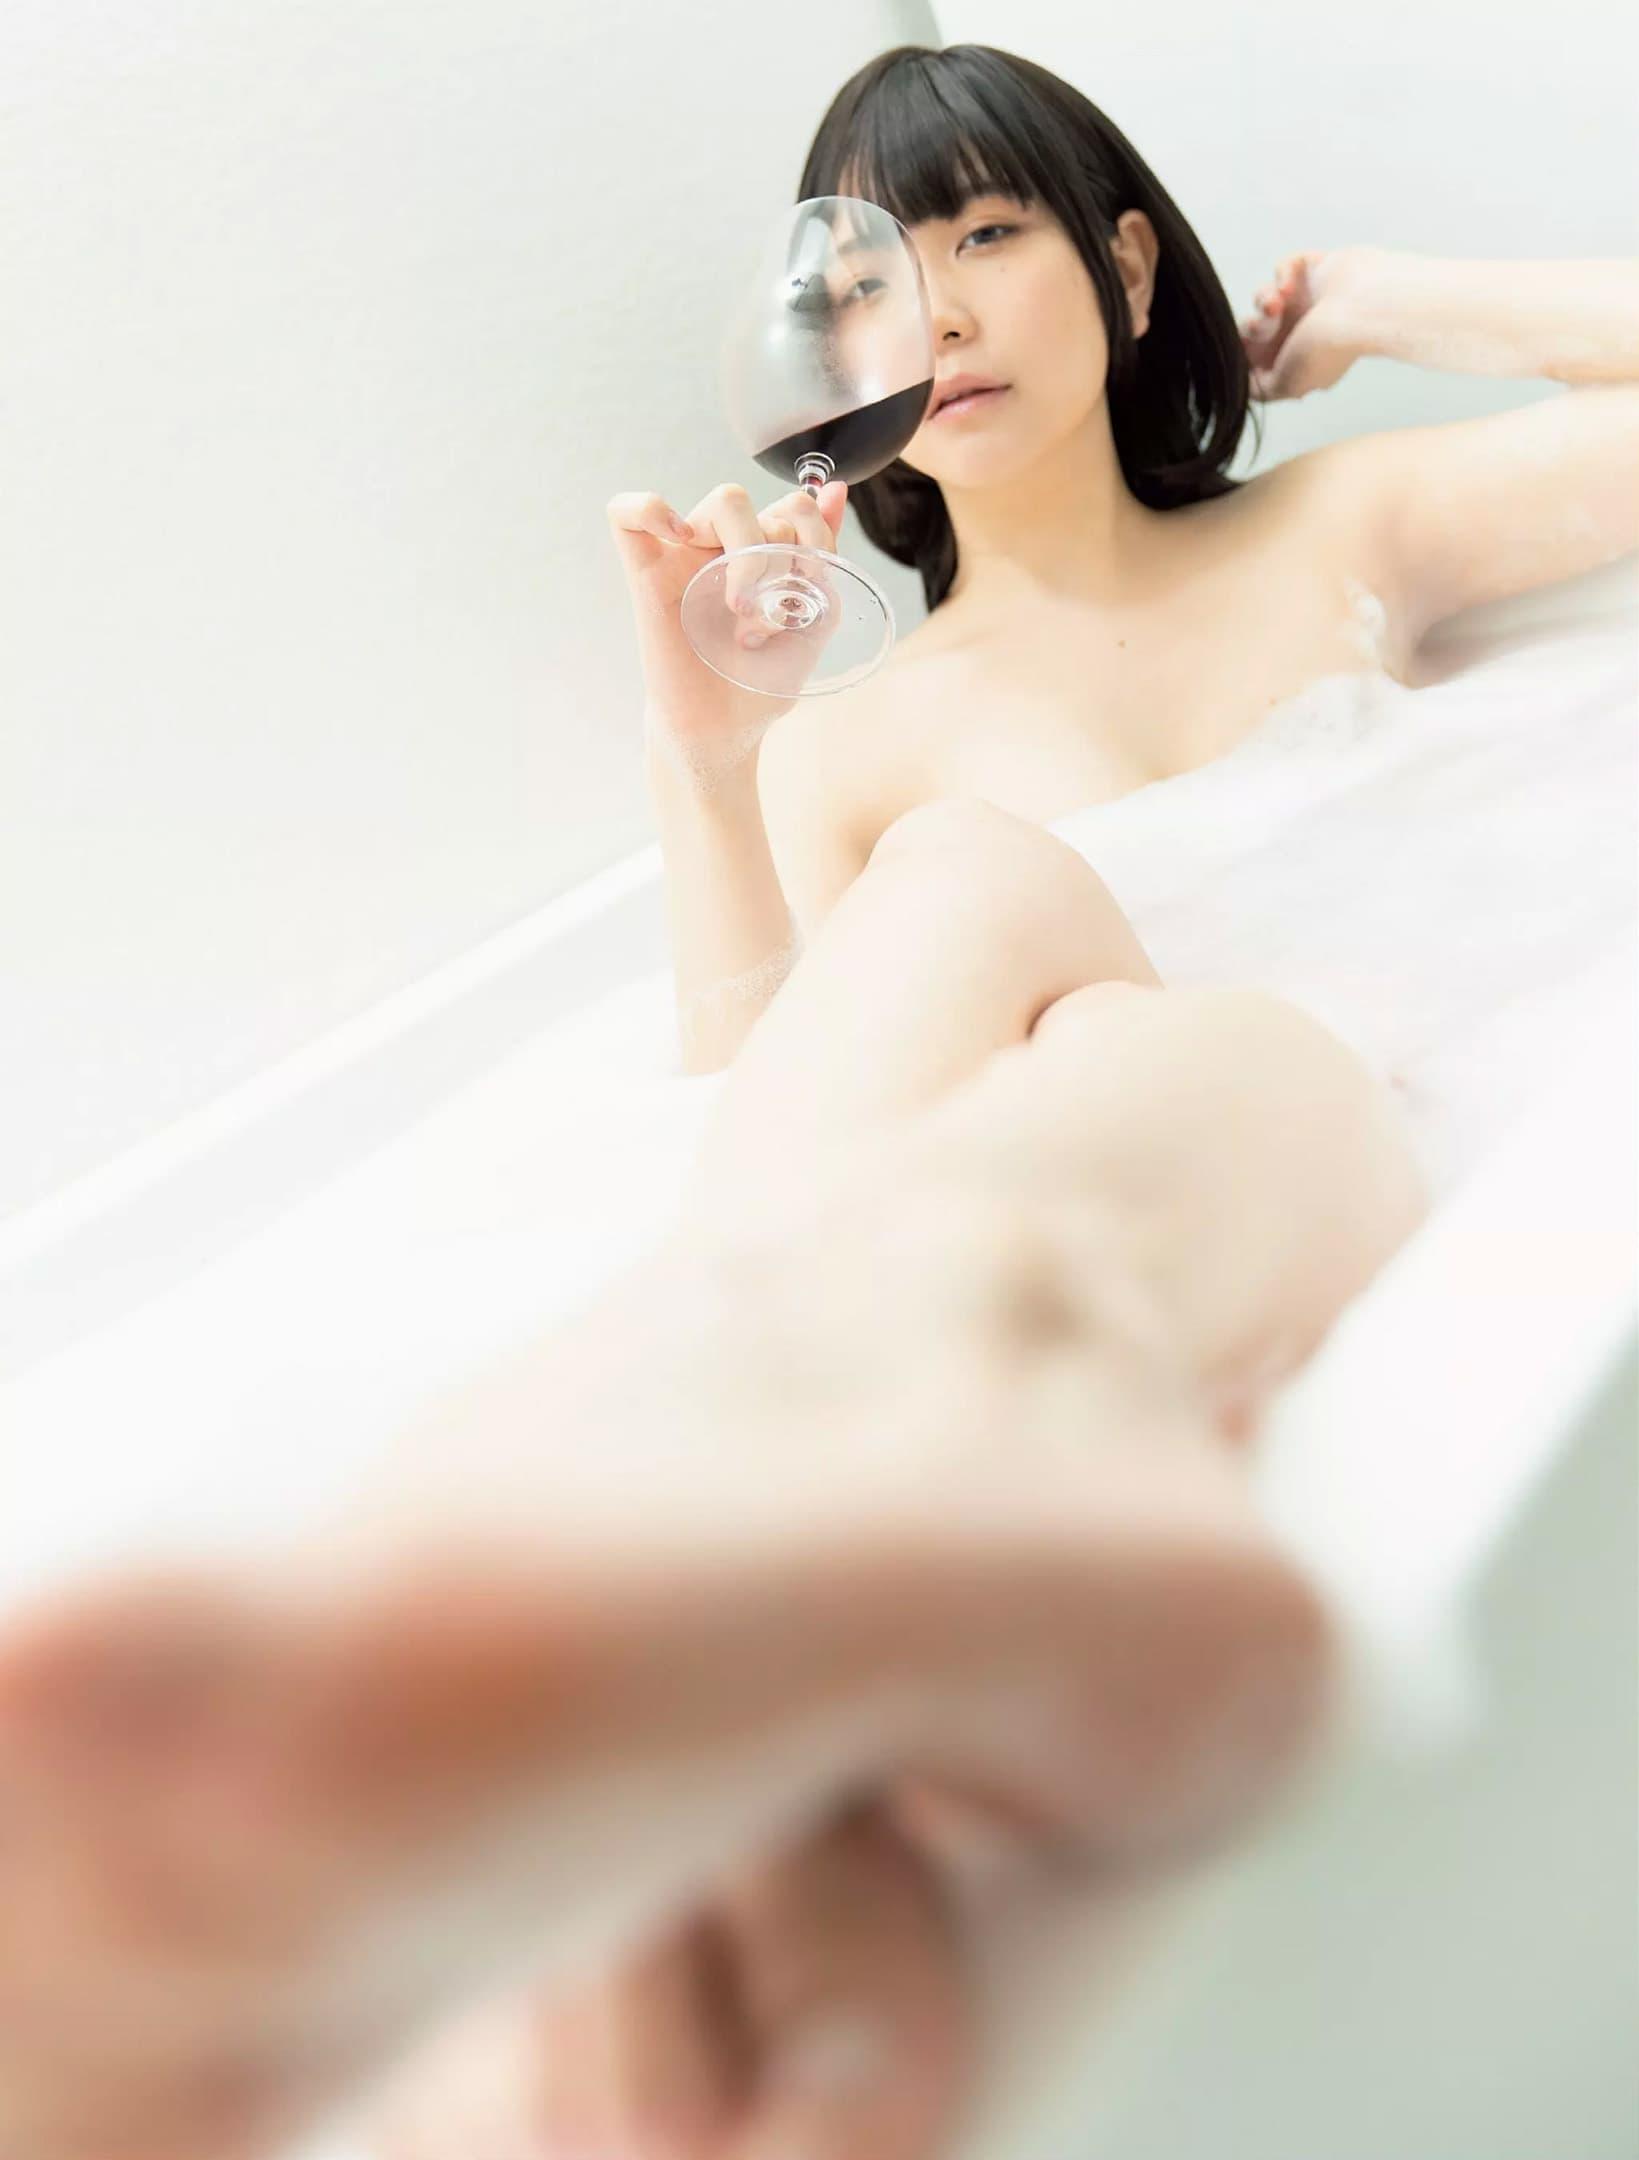 グラビアアイドル写真集|ミステリアスな魅力を持った2.5次元モデルのあまつまりな(あまつ様)グラビア画像まとめ6 78枚